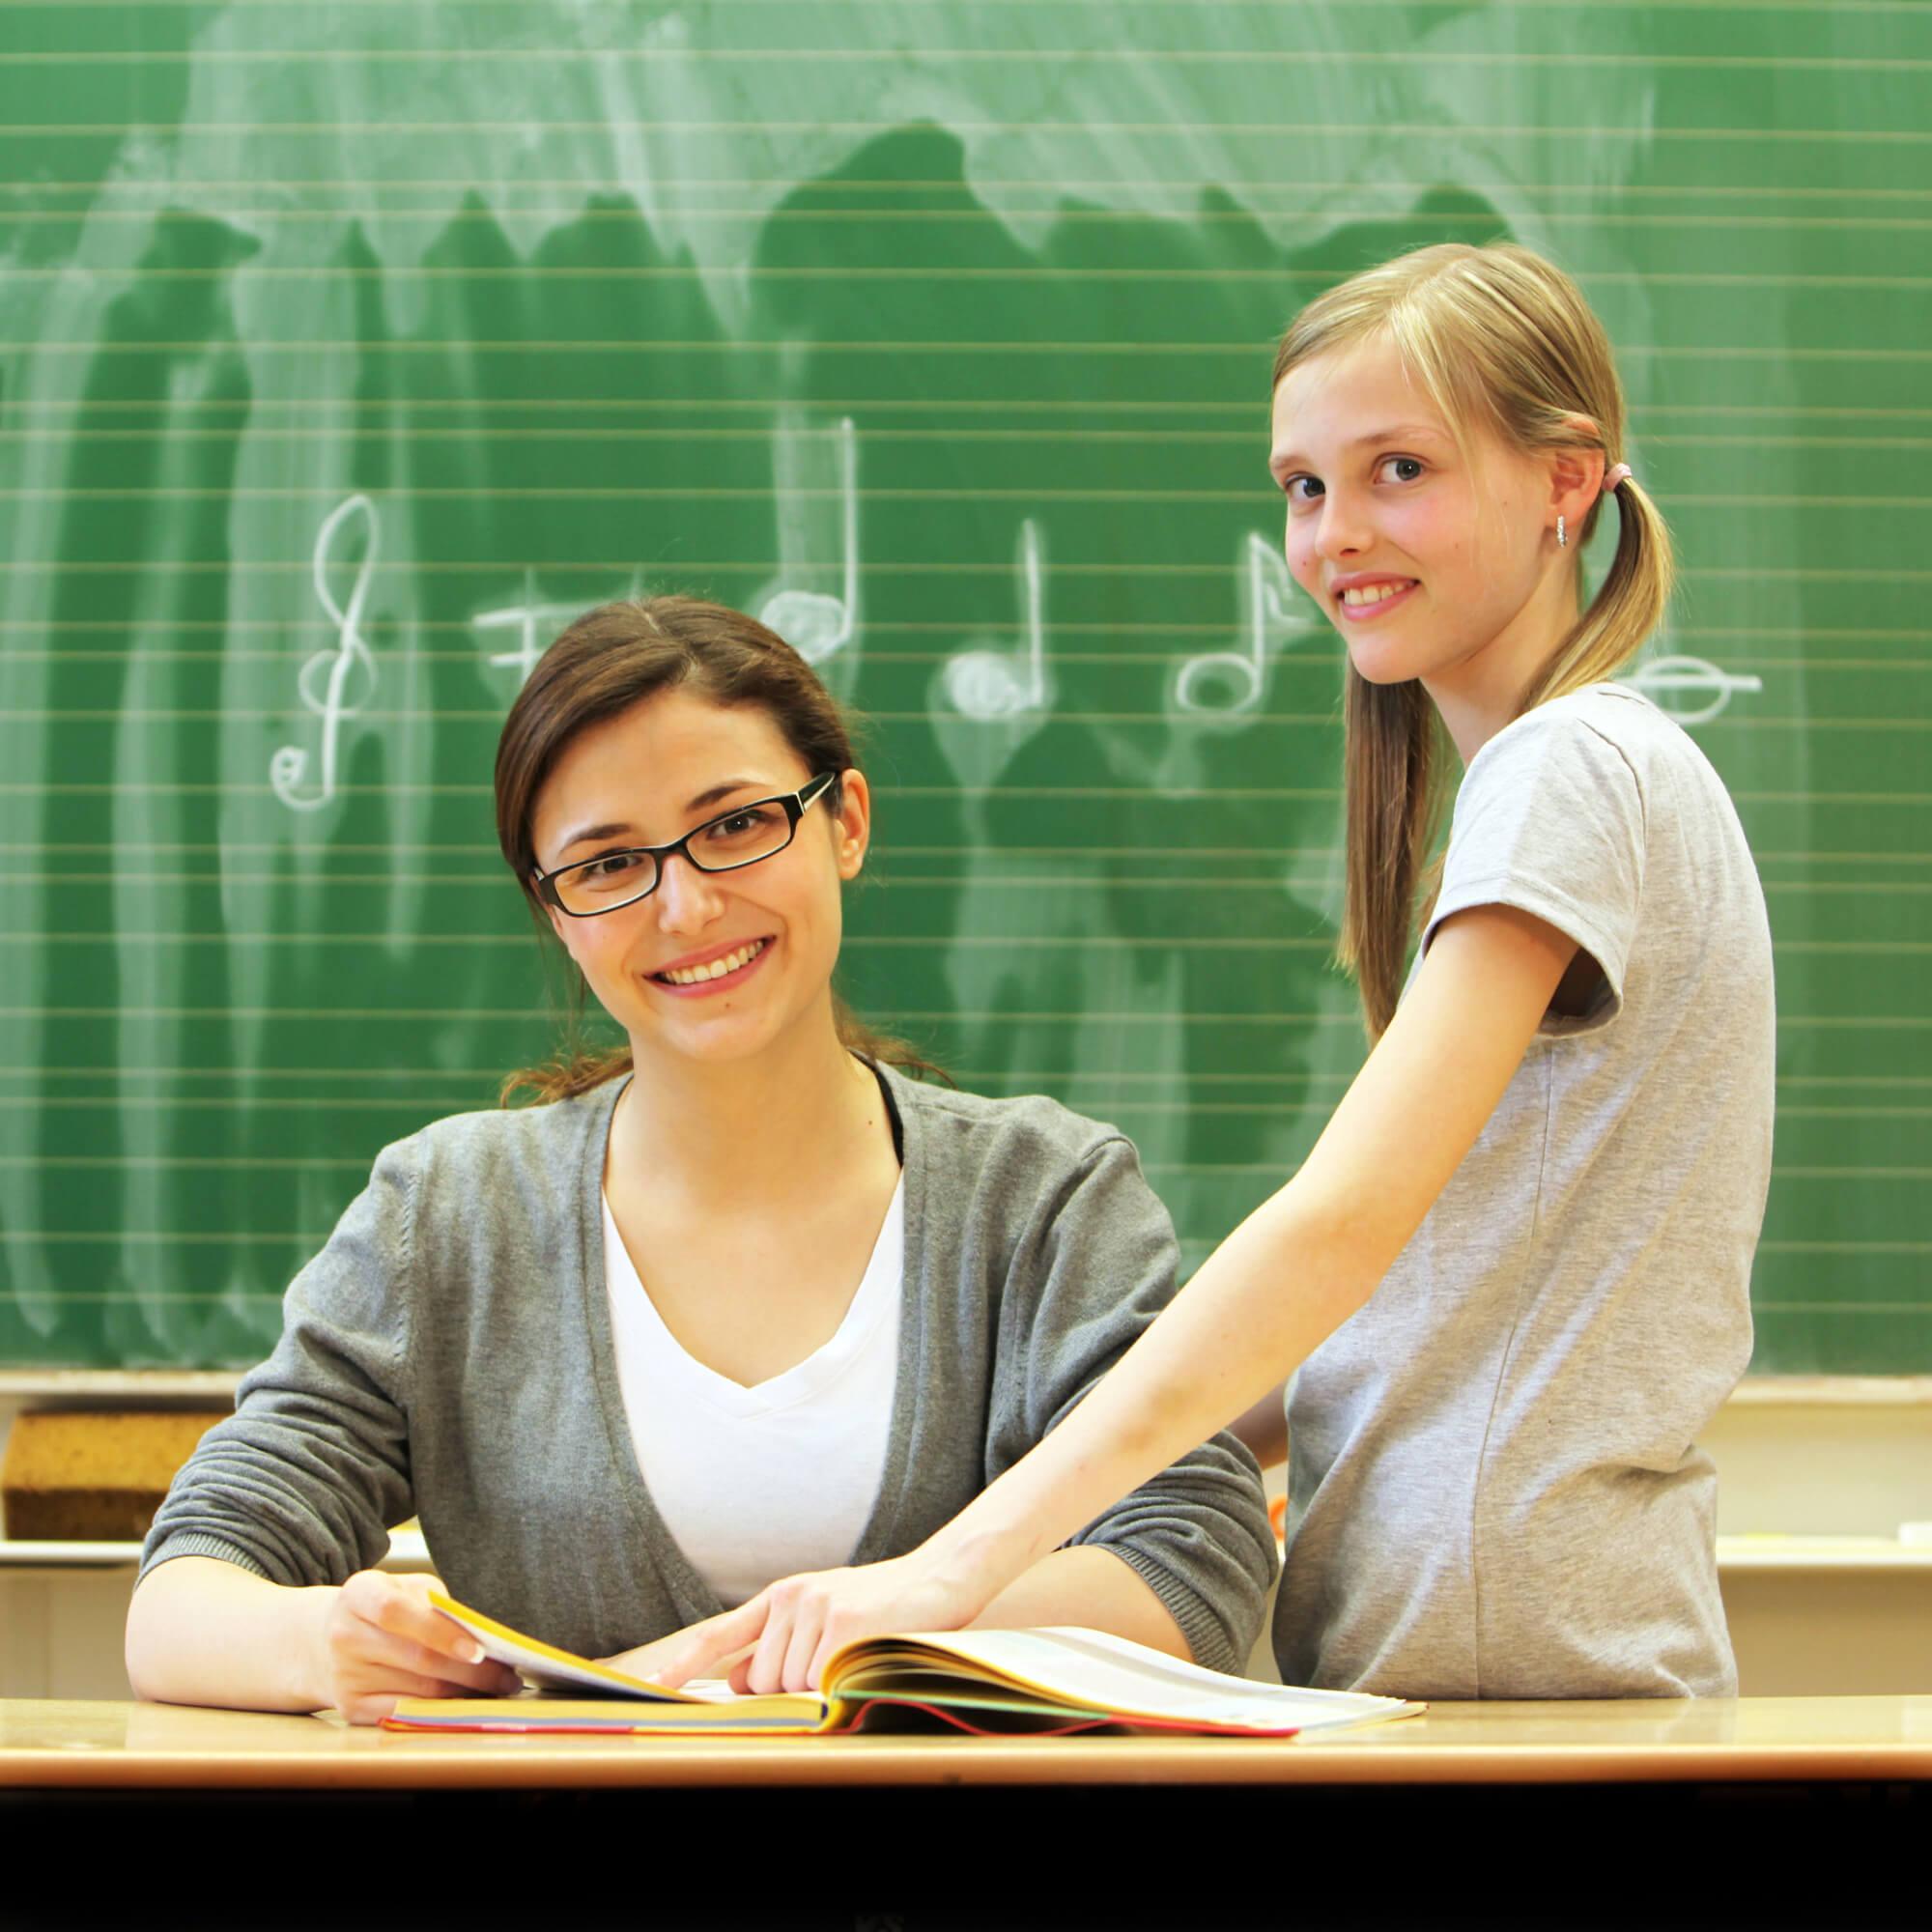 Фото молодая учительница 23 фотография